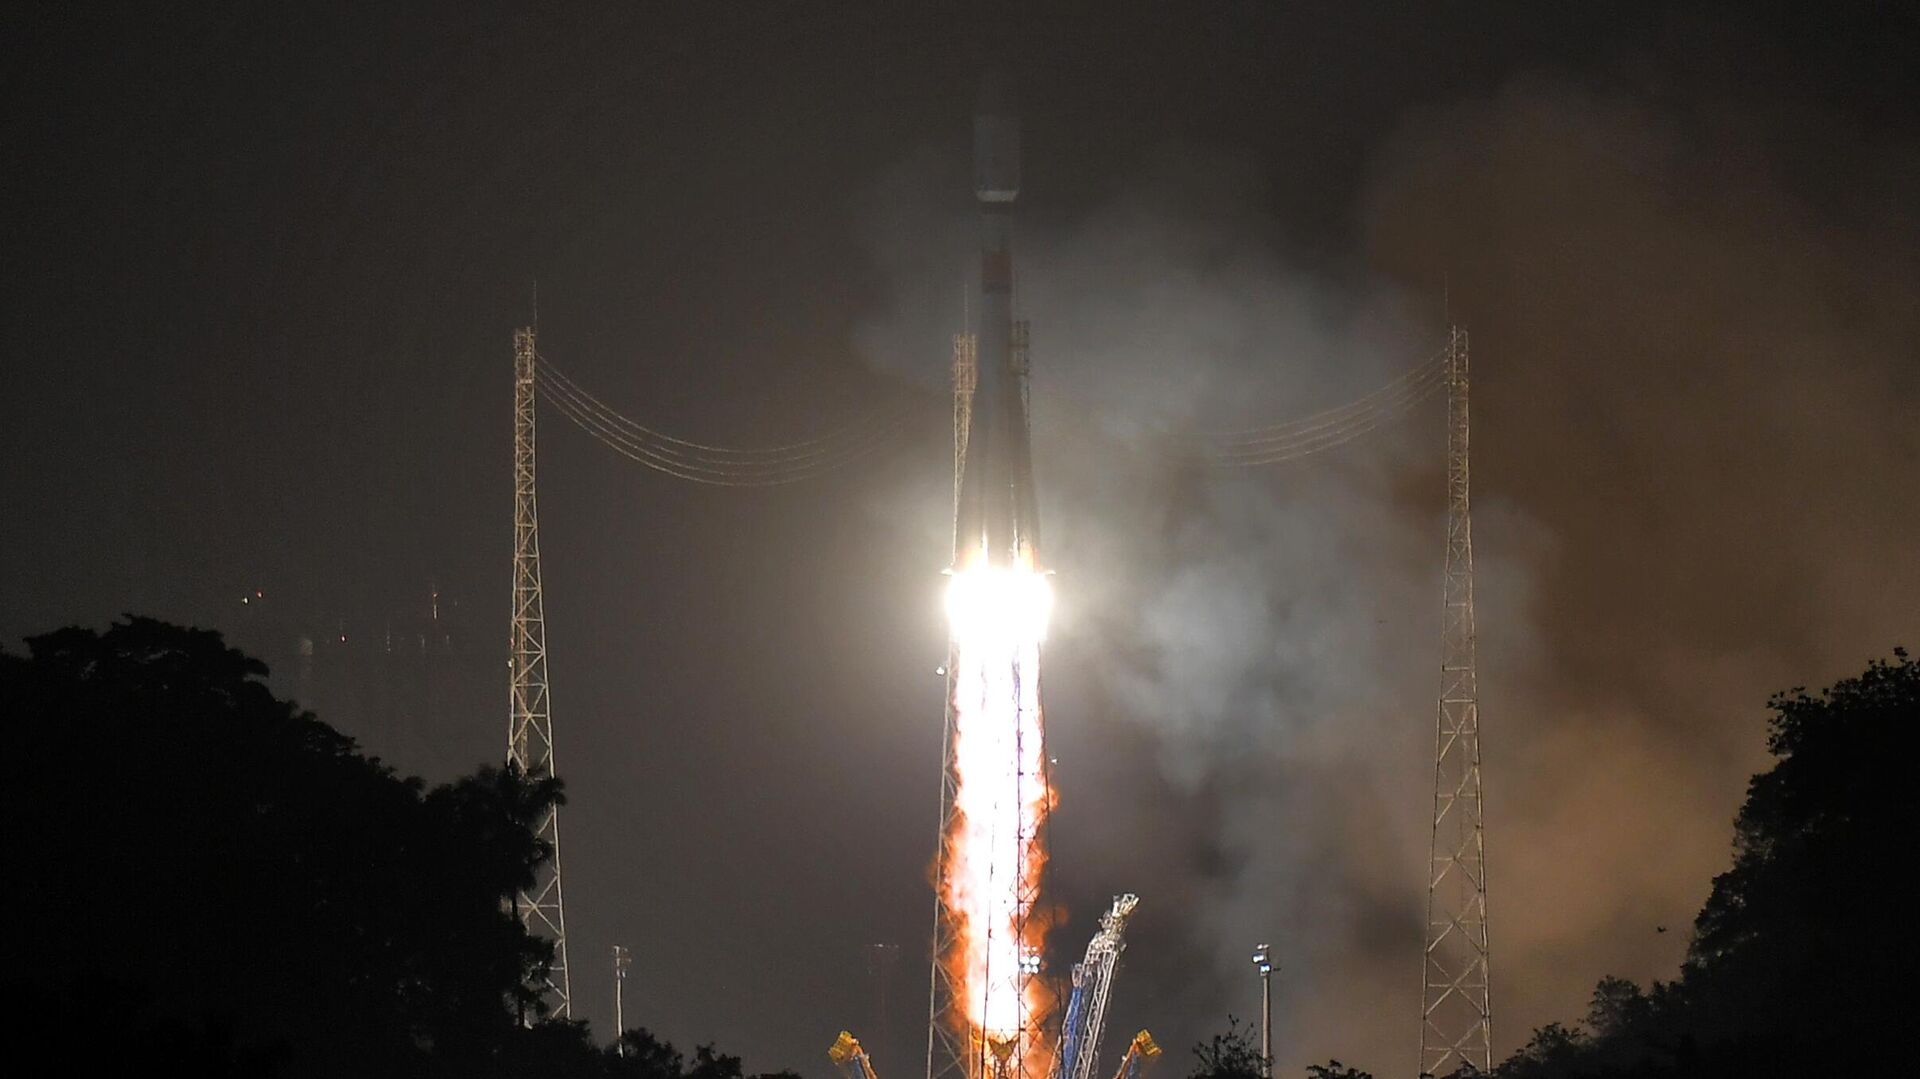 Запуск ракеты-носителя Союз-СТ с космодрома Куру во Французской Гвиане - РИА Новости, 1920, 28.11.2020